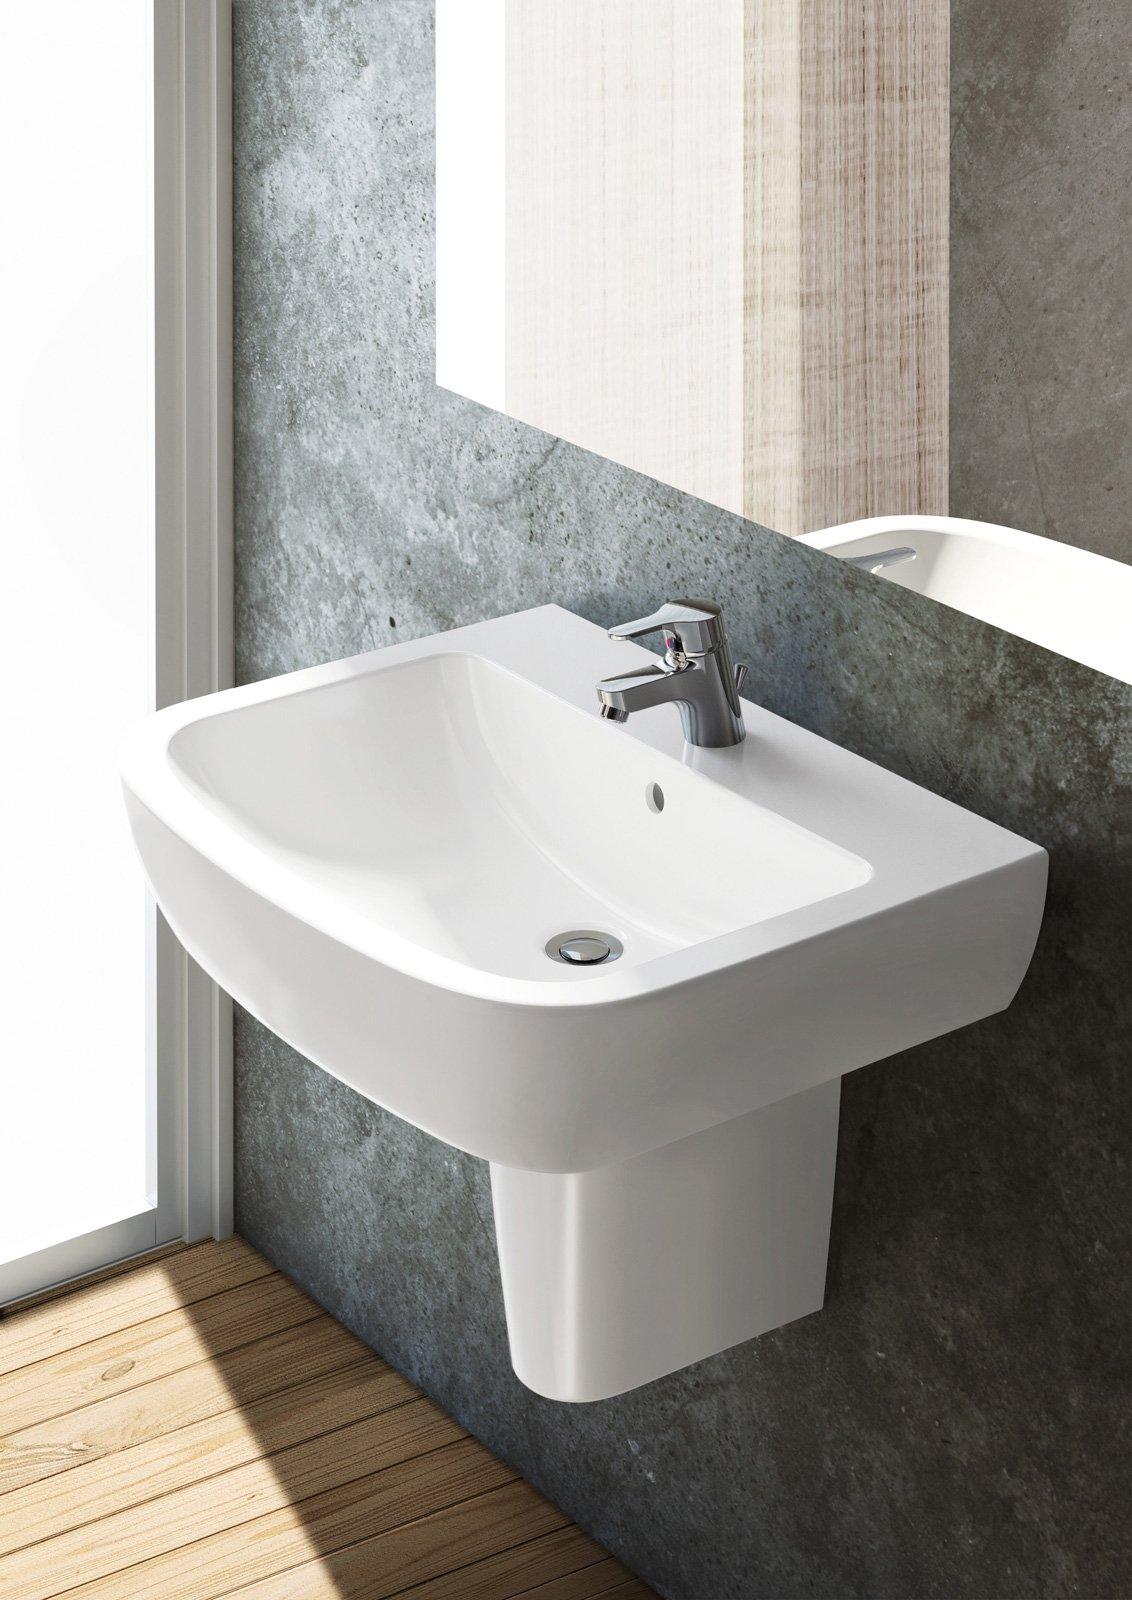 lavabi di primo prezzo: a partire da 39 euro - cose di casa - Arredo Bagno Dolomite Prezzi